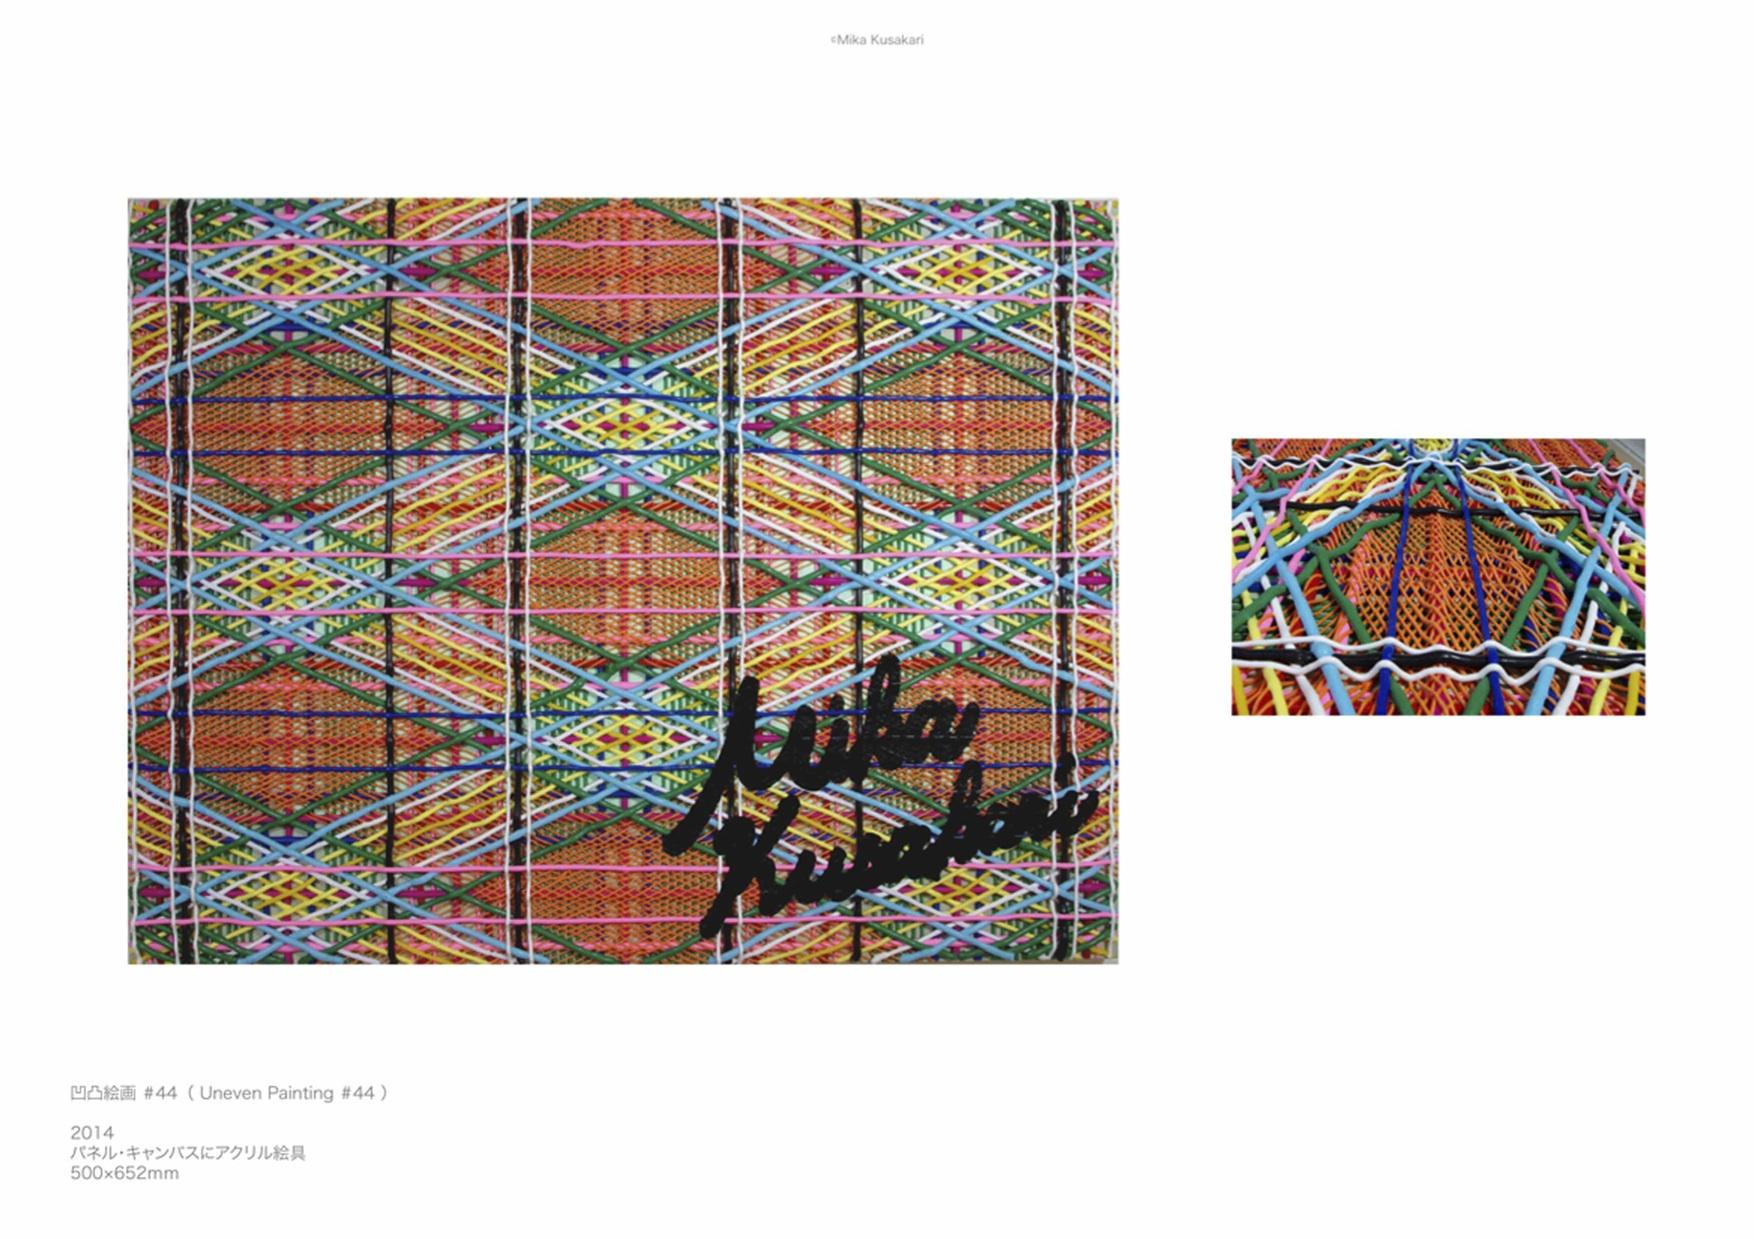 44-pdf-201406280003